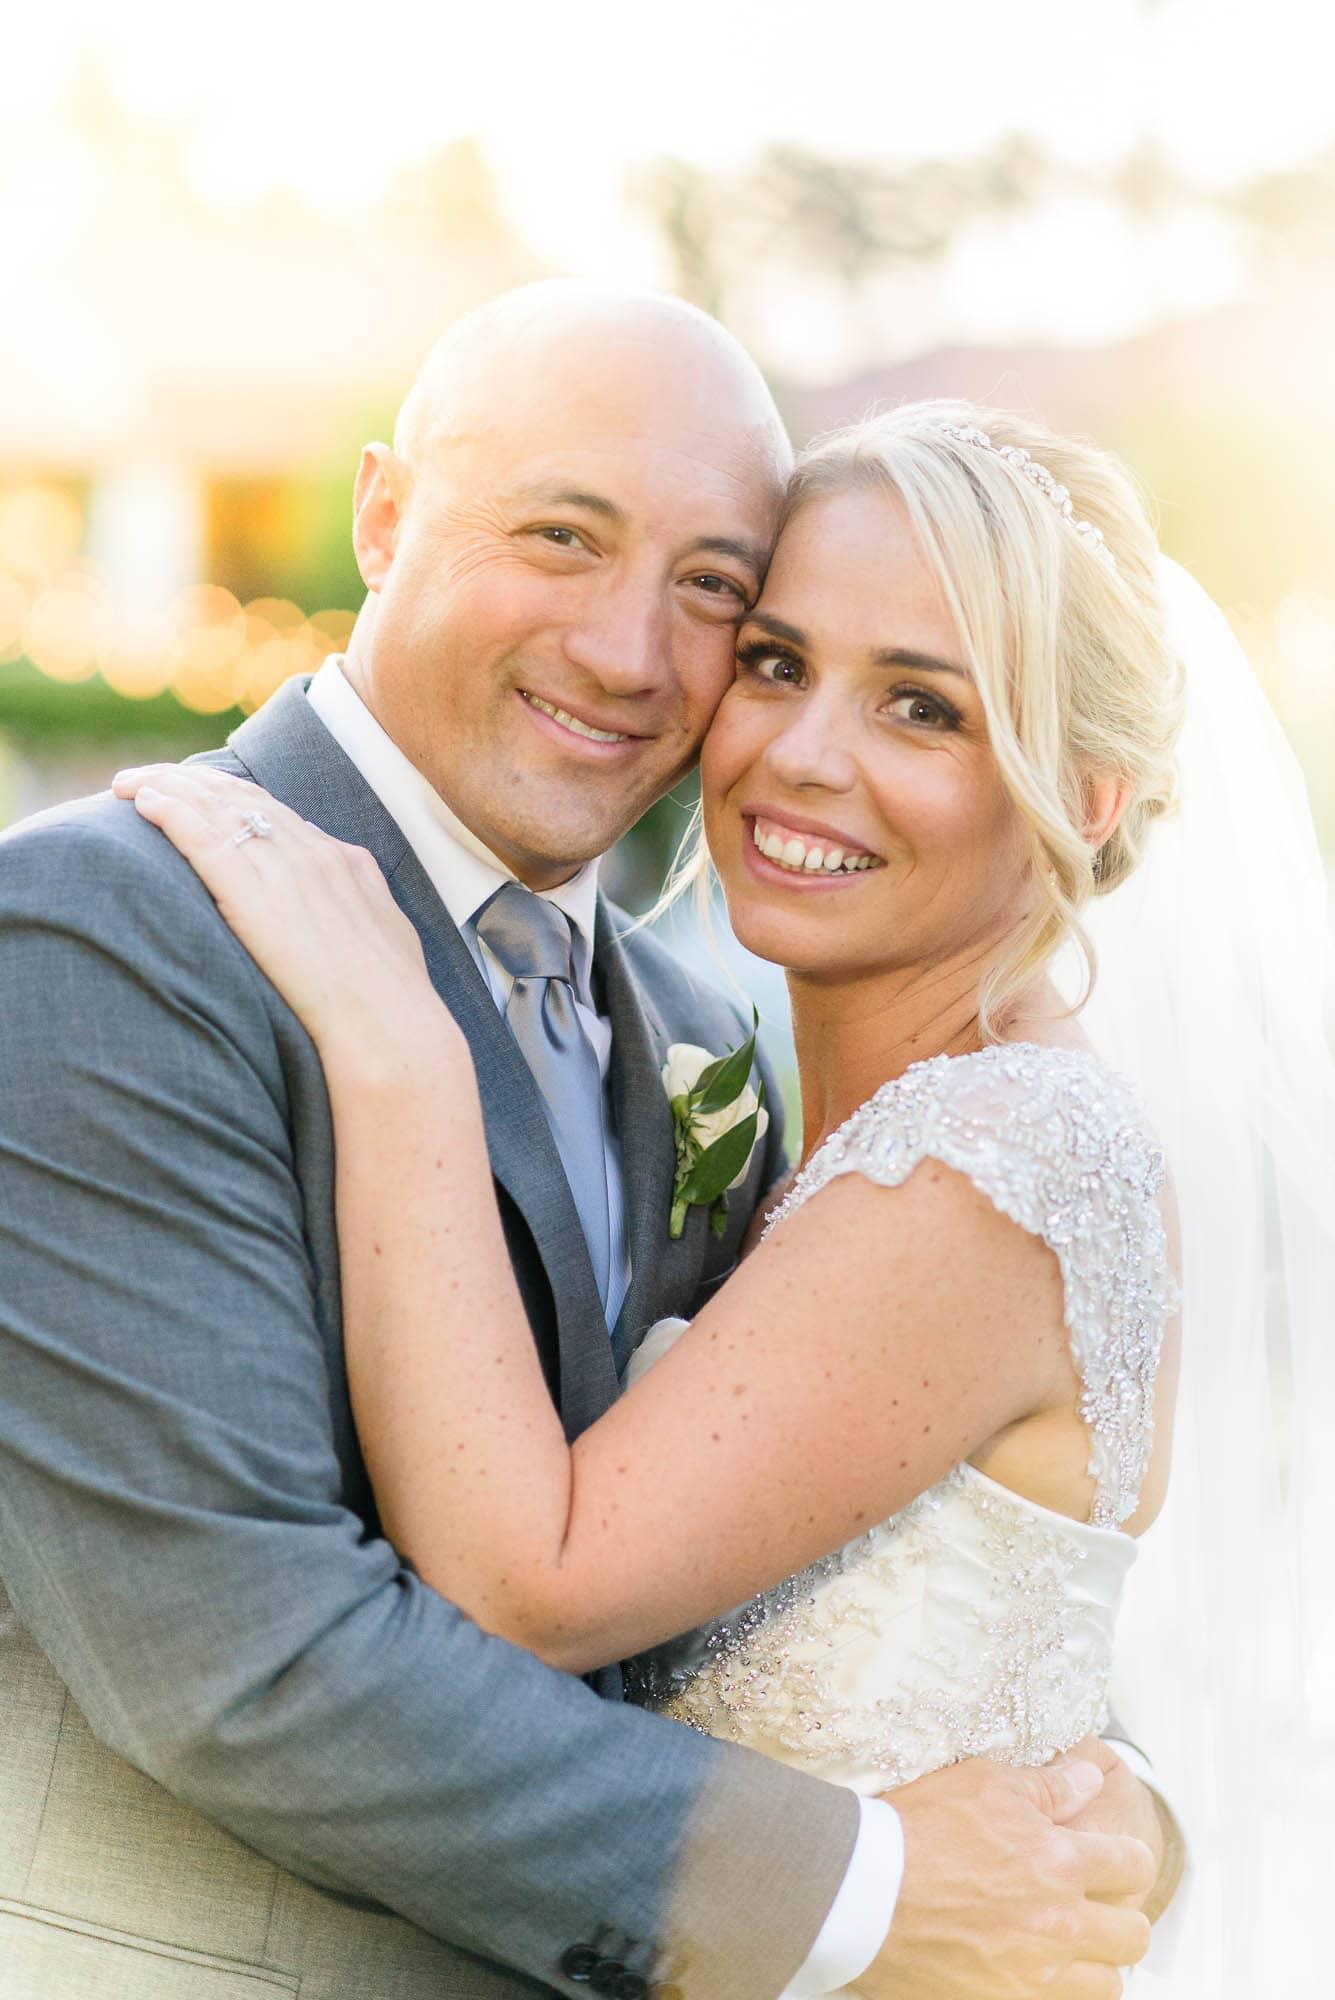 046_Alan_and_Heidi_Wedding_Amanda_Chad